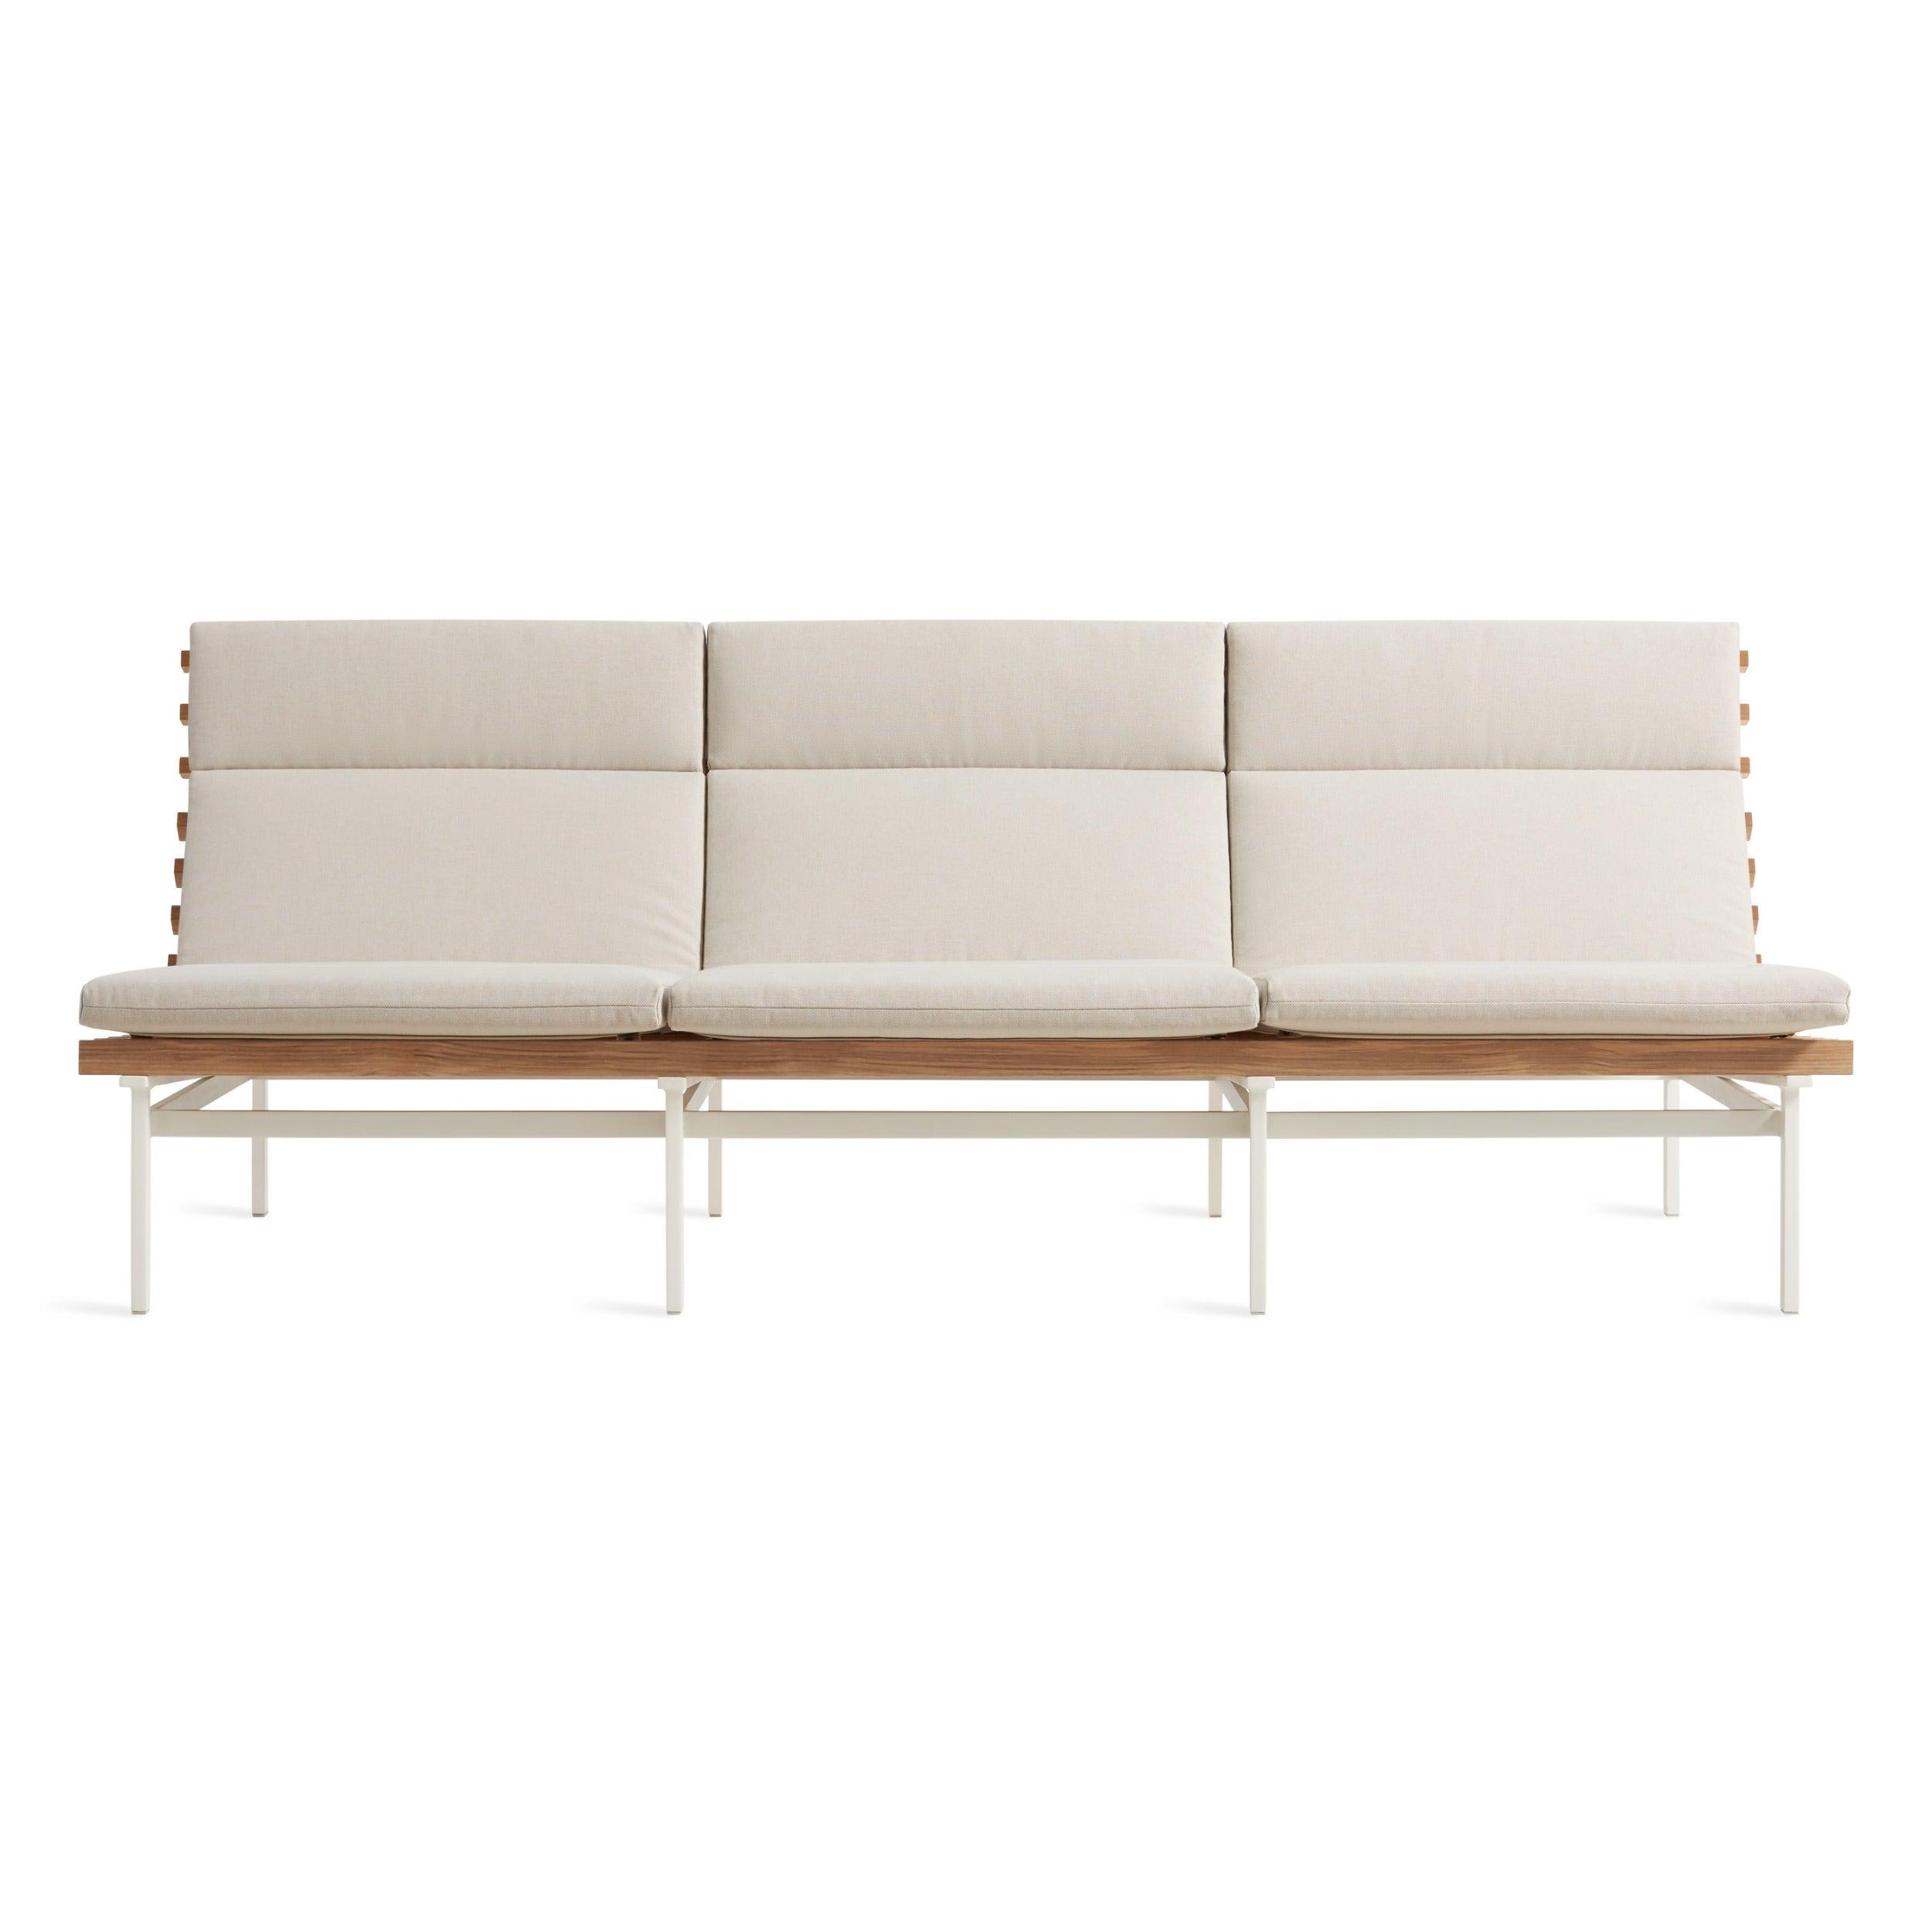 Perch Outdoor 3 Seat Sofa